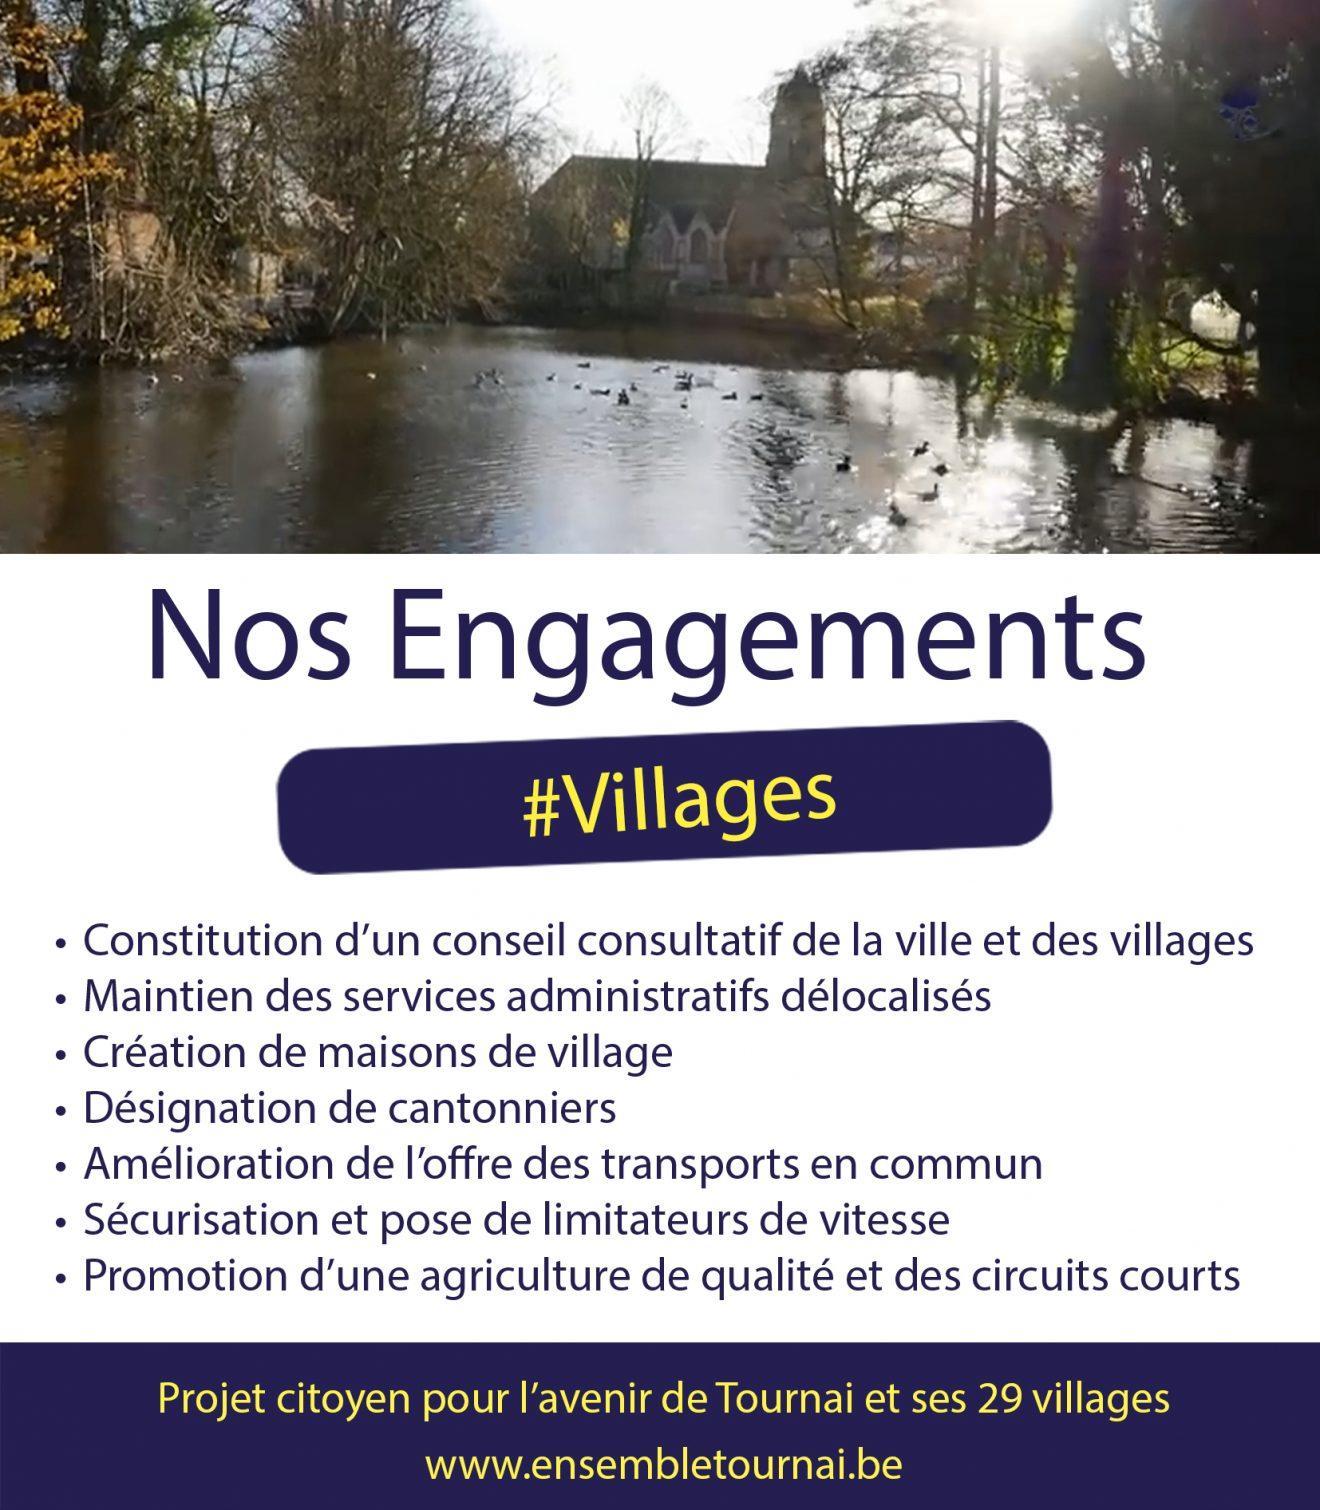 Nos 29 villages